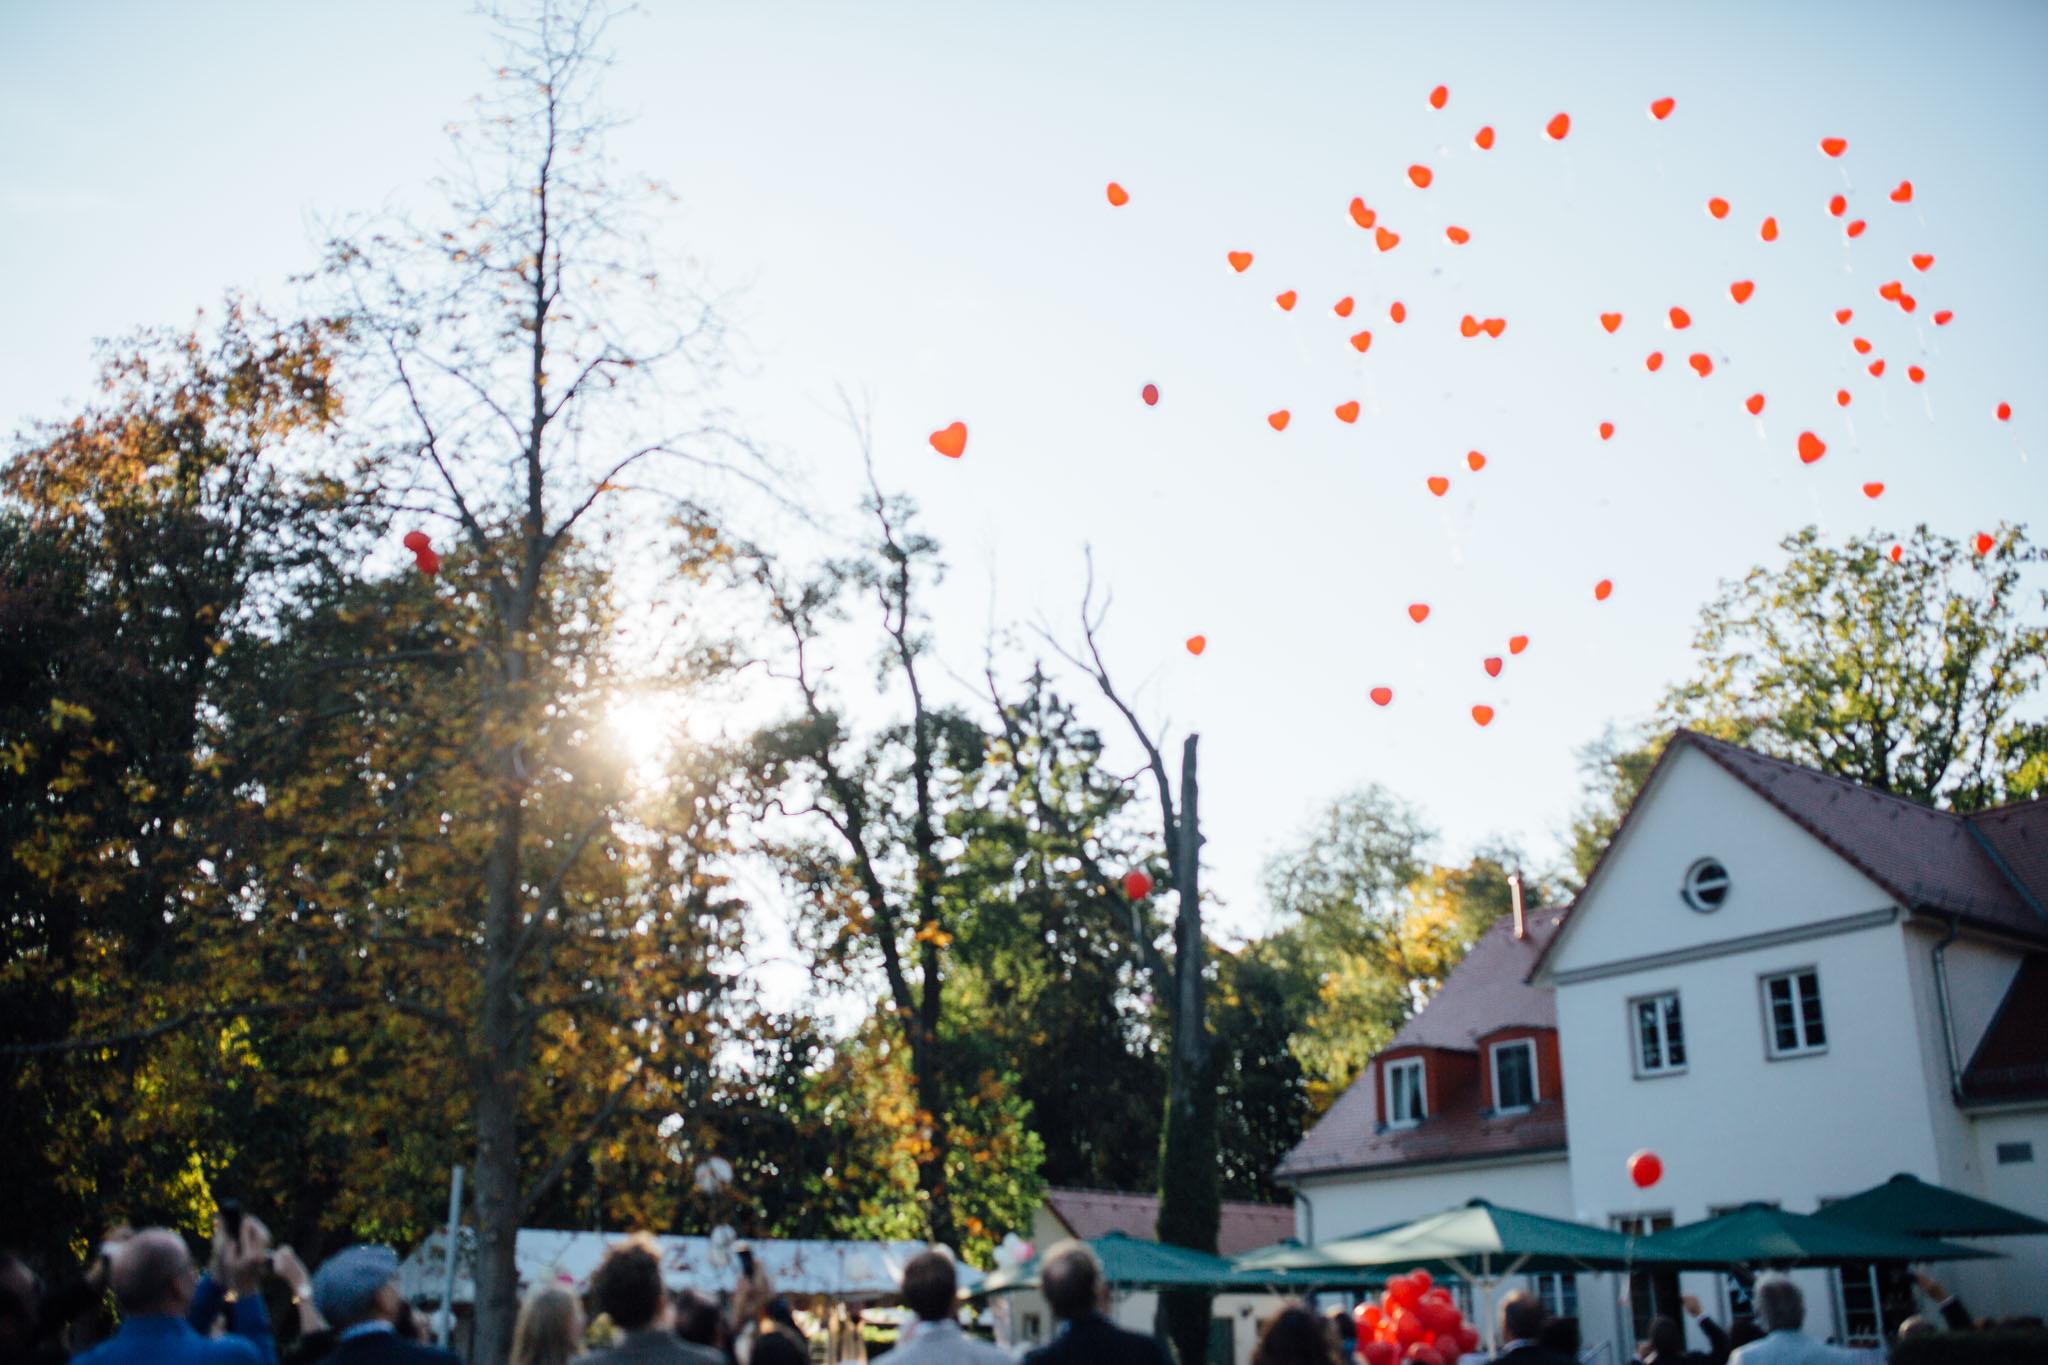 hochzeitsreportage-brandenburg-luftballons-werbellinsee-wildau